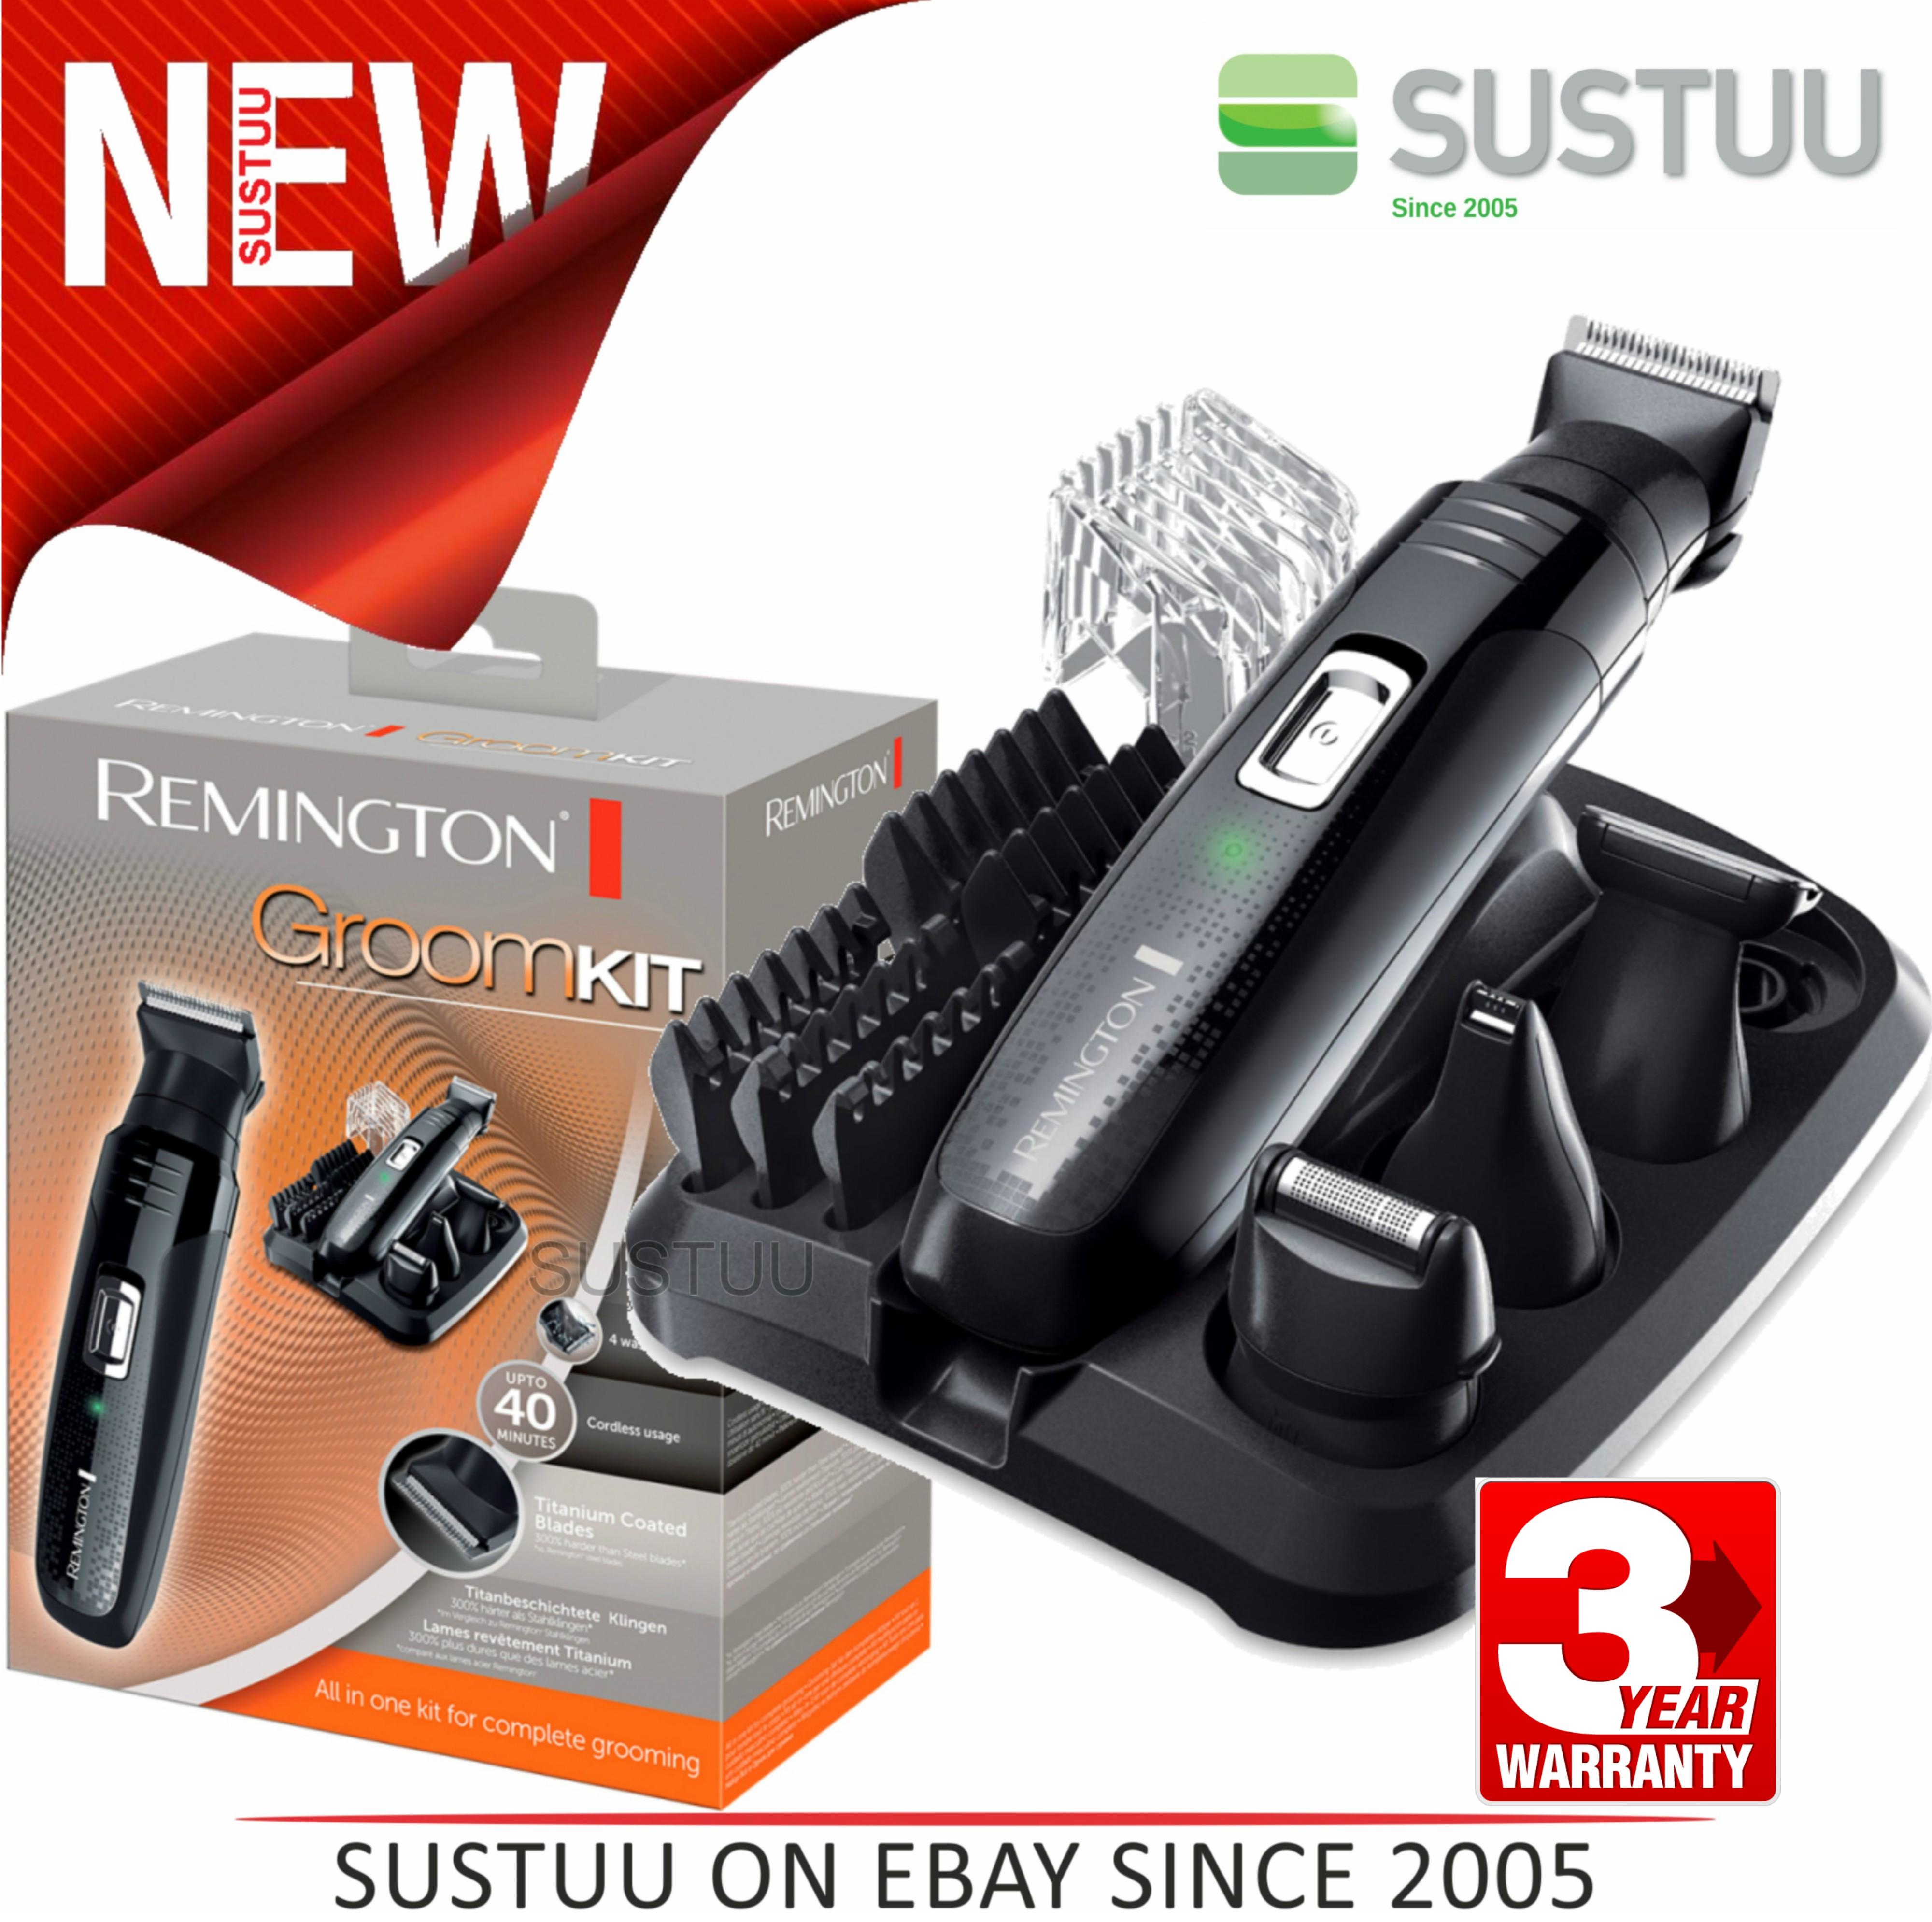 Remington PG6130|Men's Hair|4 in 1|Cordless|Shaving|Trimmer|Clipper|Grooming Kit